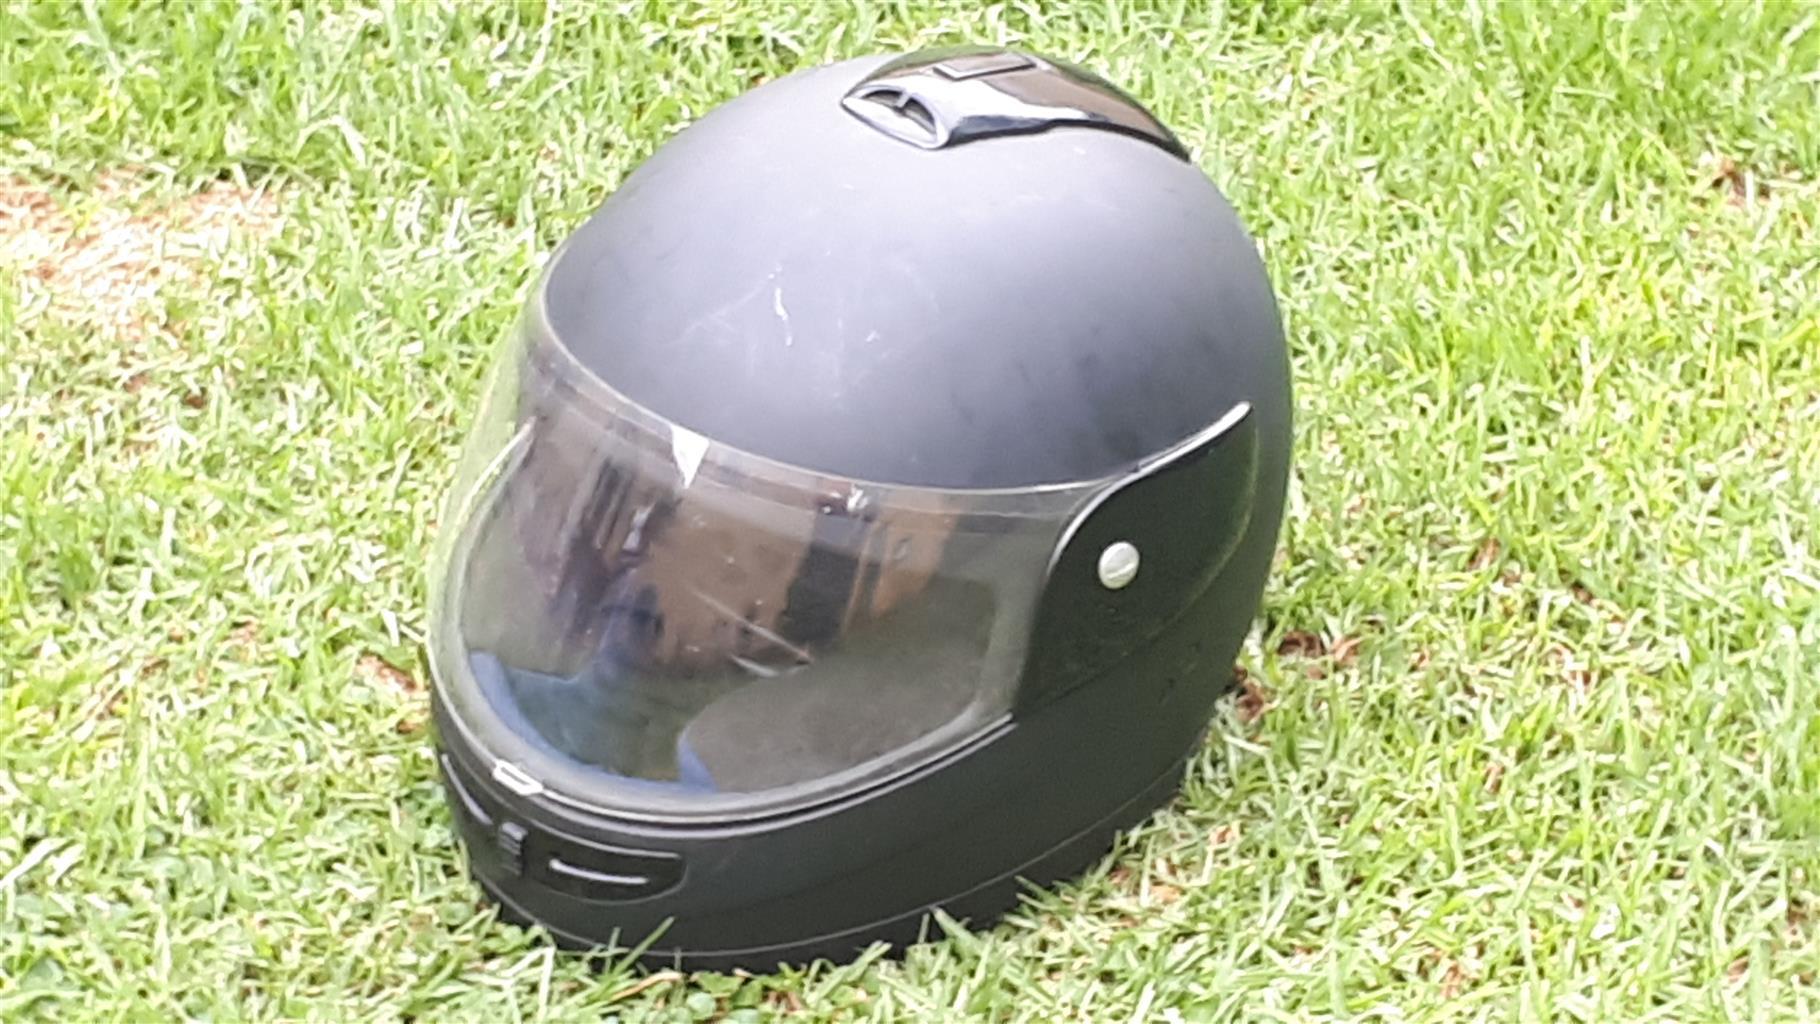 Adult motorcycle helmets